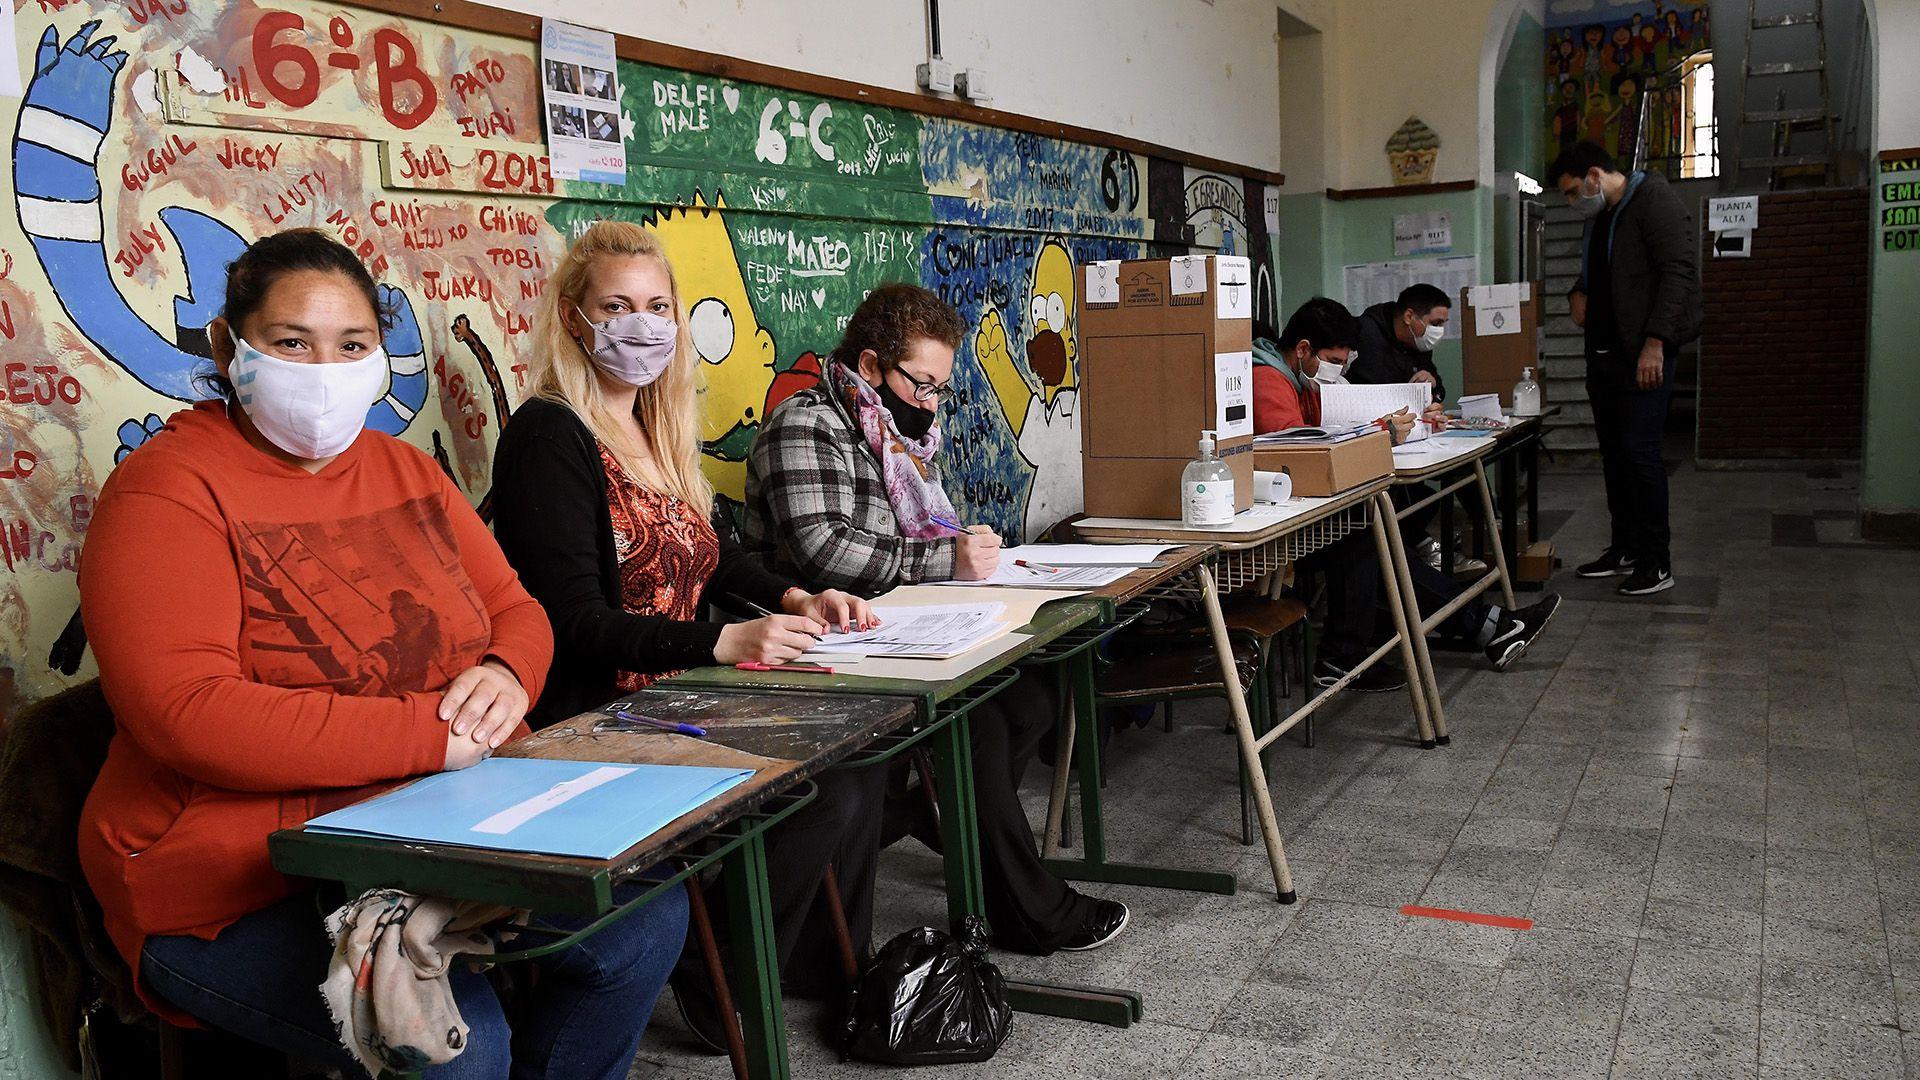 mesas boletas colas padrones escuelas elecciones legislativas Paso 2021